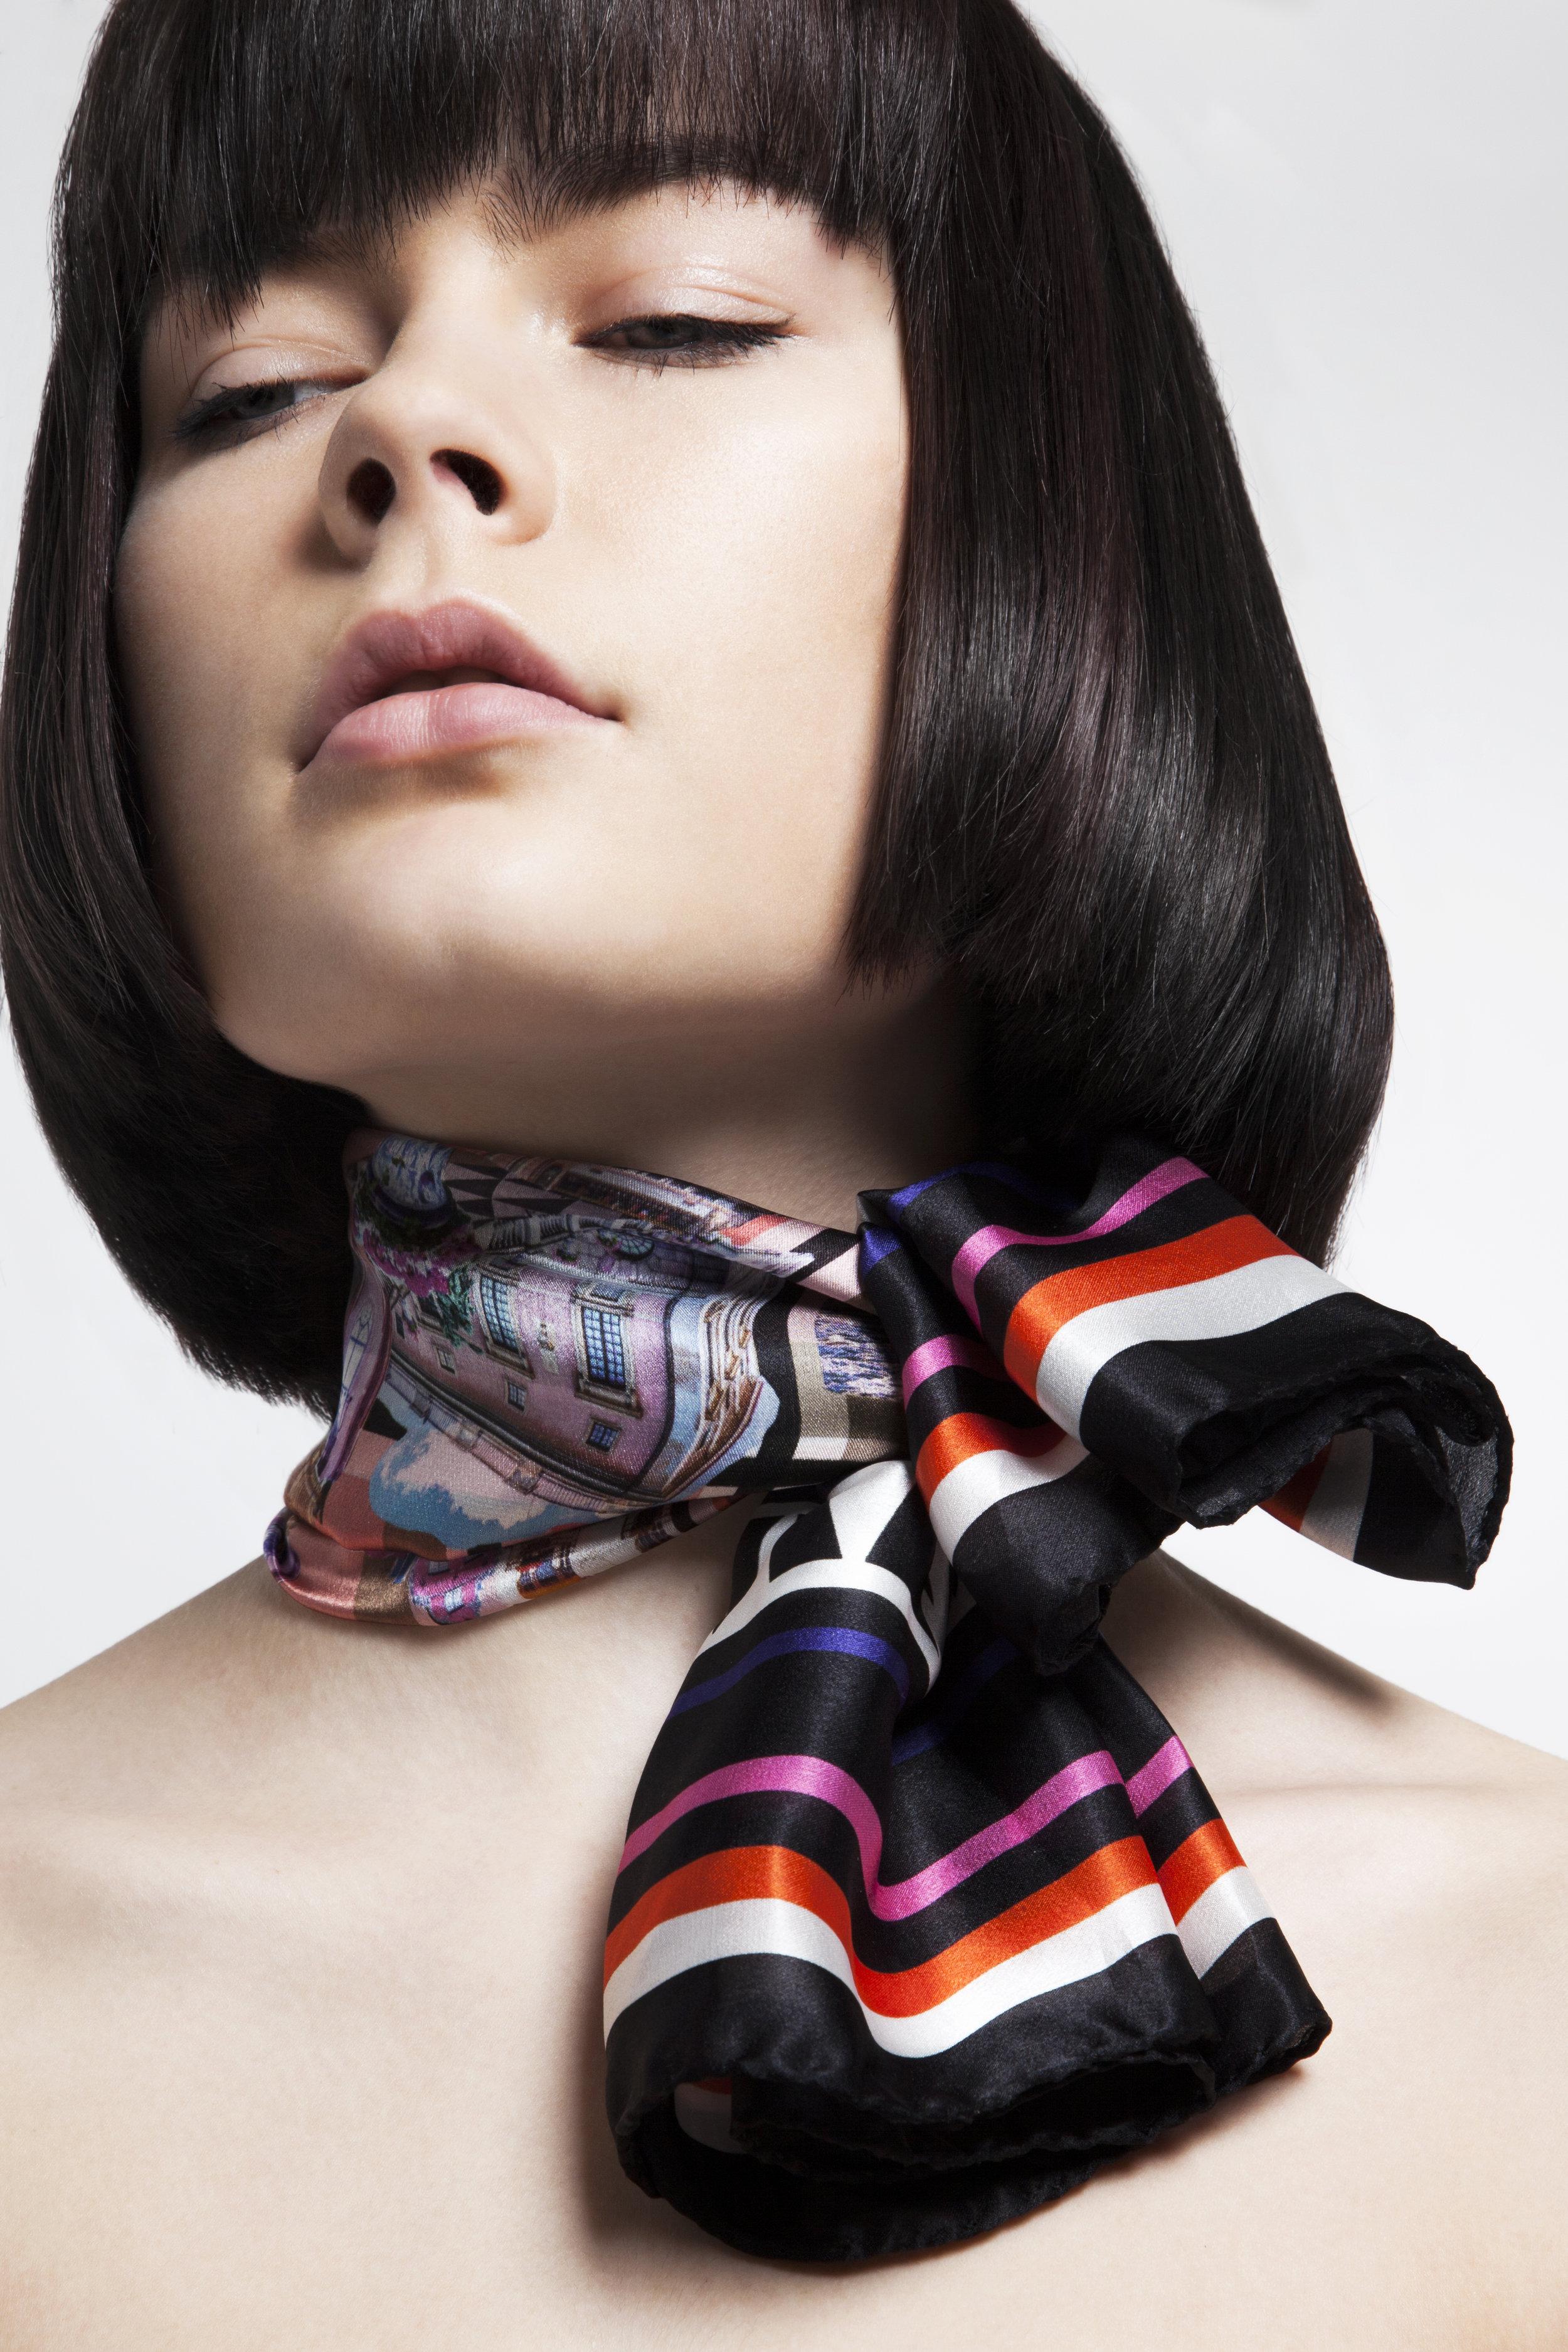 scarf 2 model re-edit.jpg